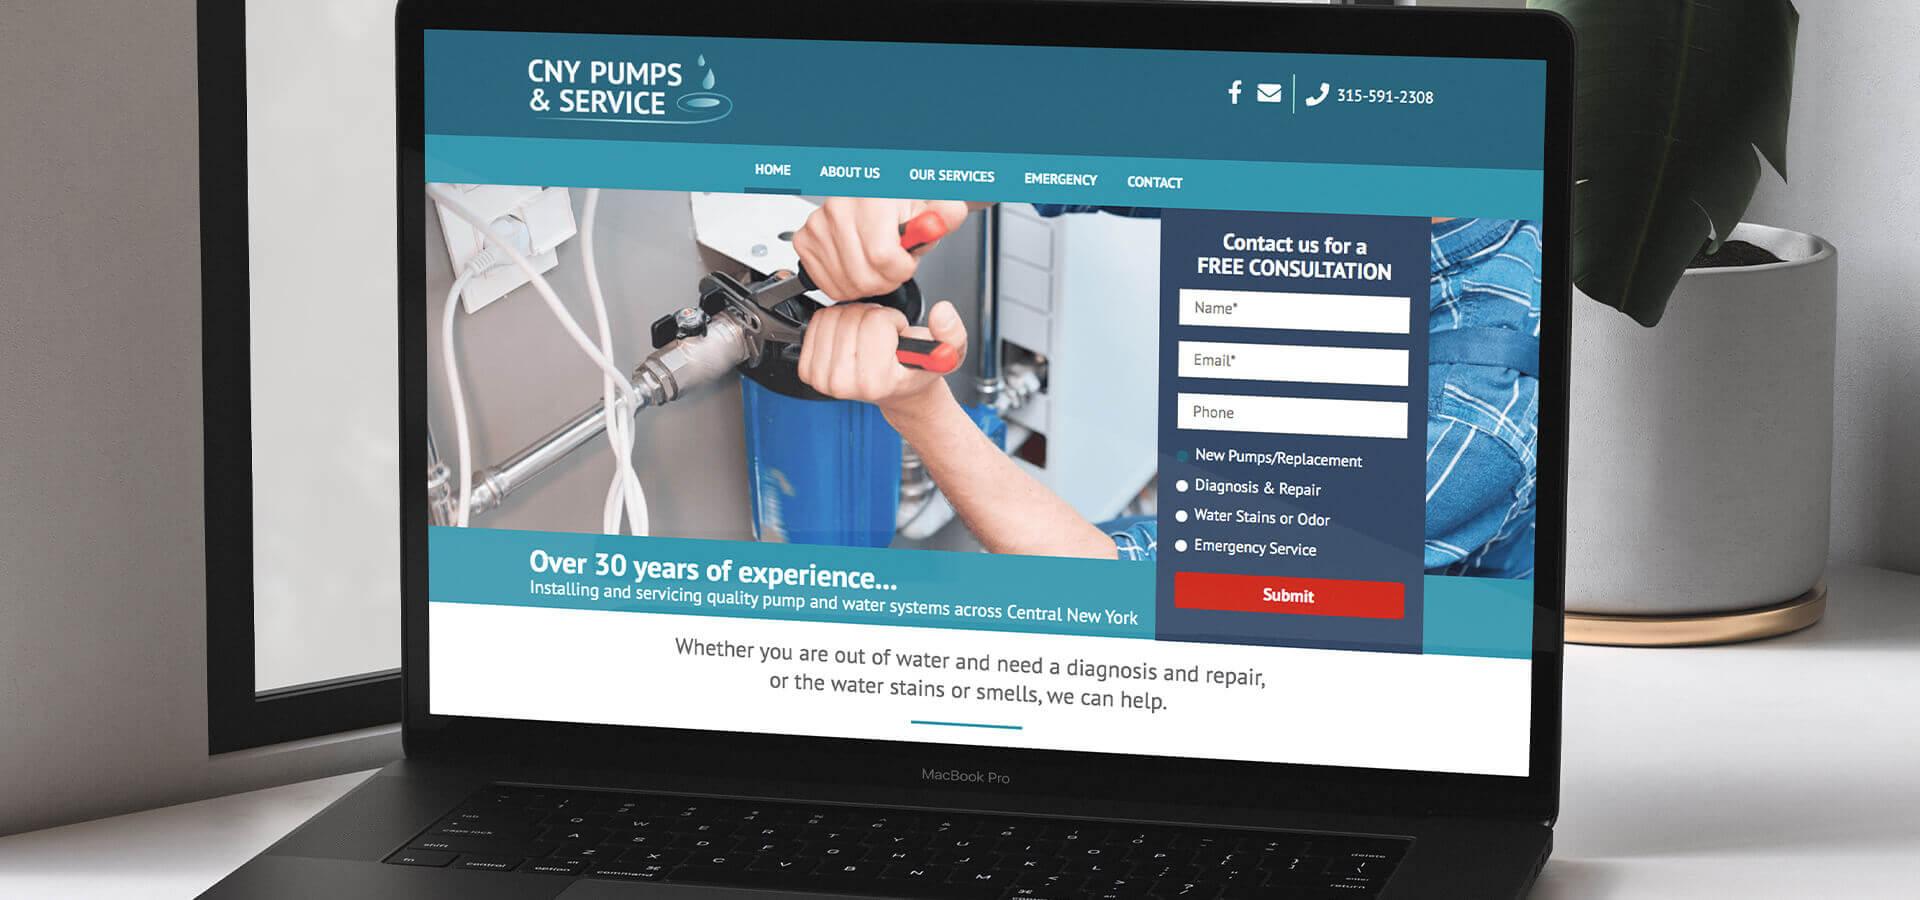 CNY Pumps website on laptop